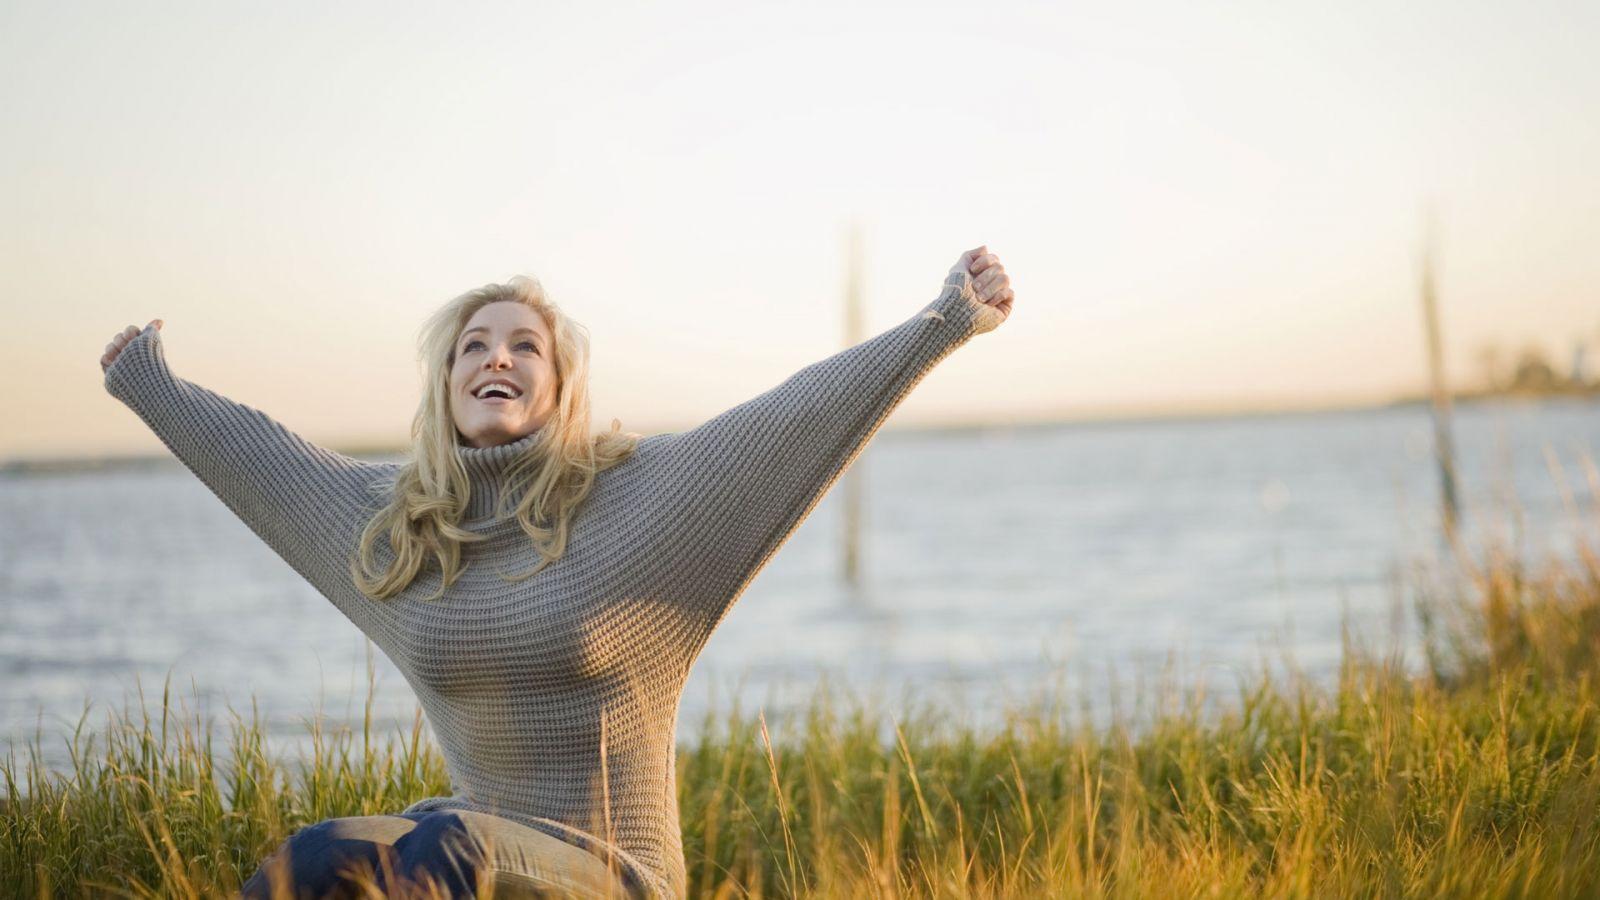 Как вернуть мотивацию: пять верных способов - фото №2